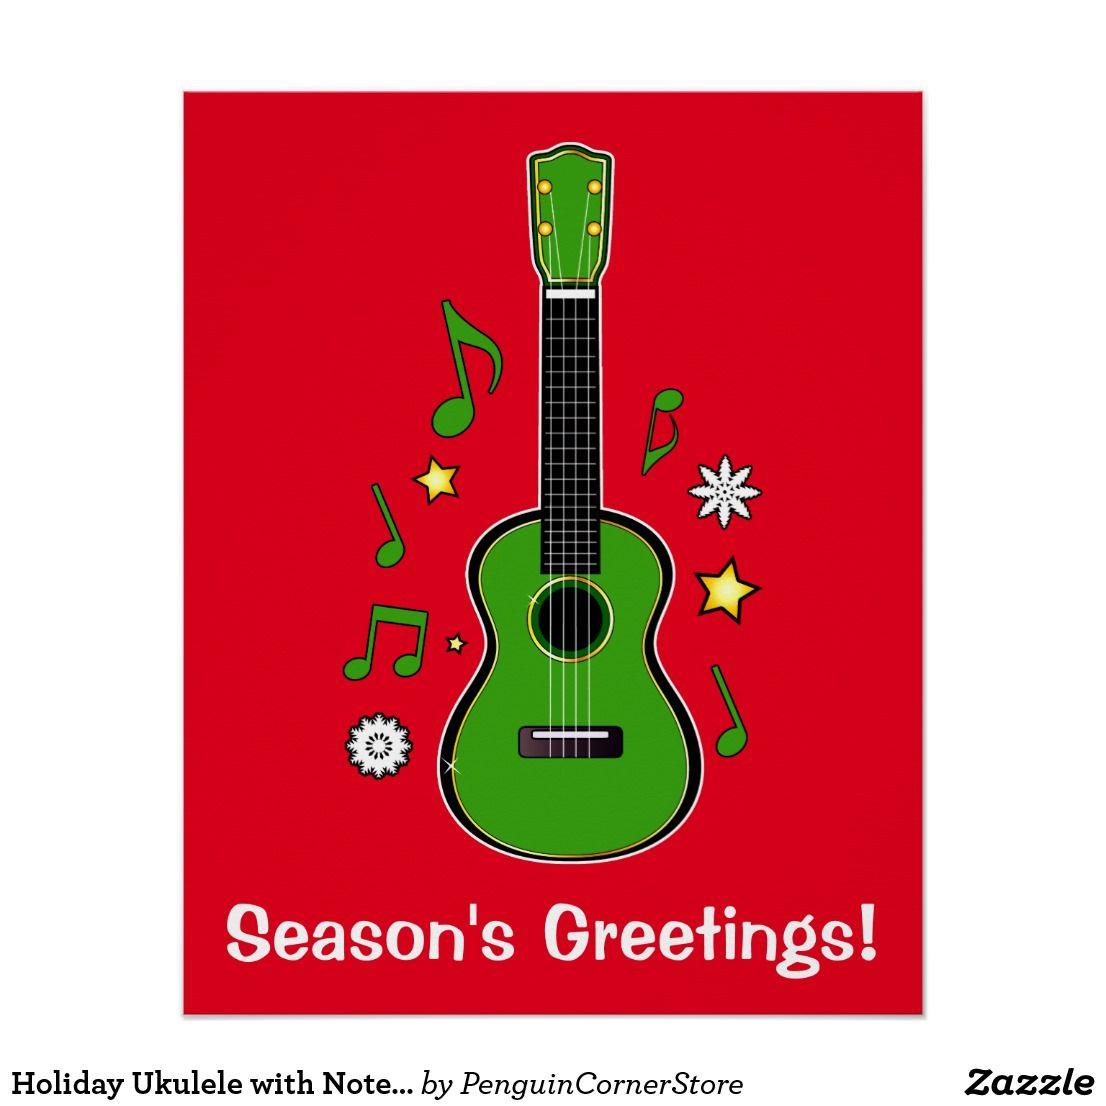 Holiday Ukulele With Notes And Stars Poster Zazzle Com Custom Holiday Card Ukulele Create Your Own Card